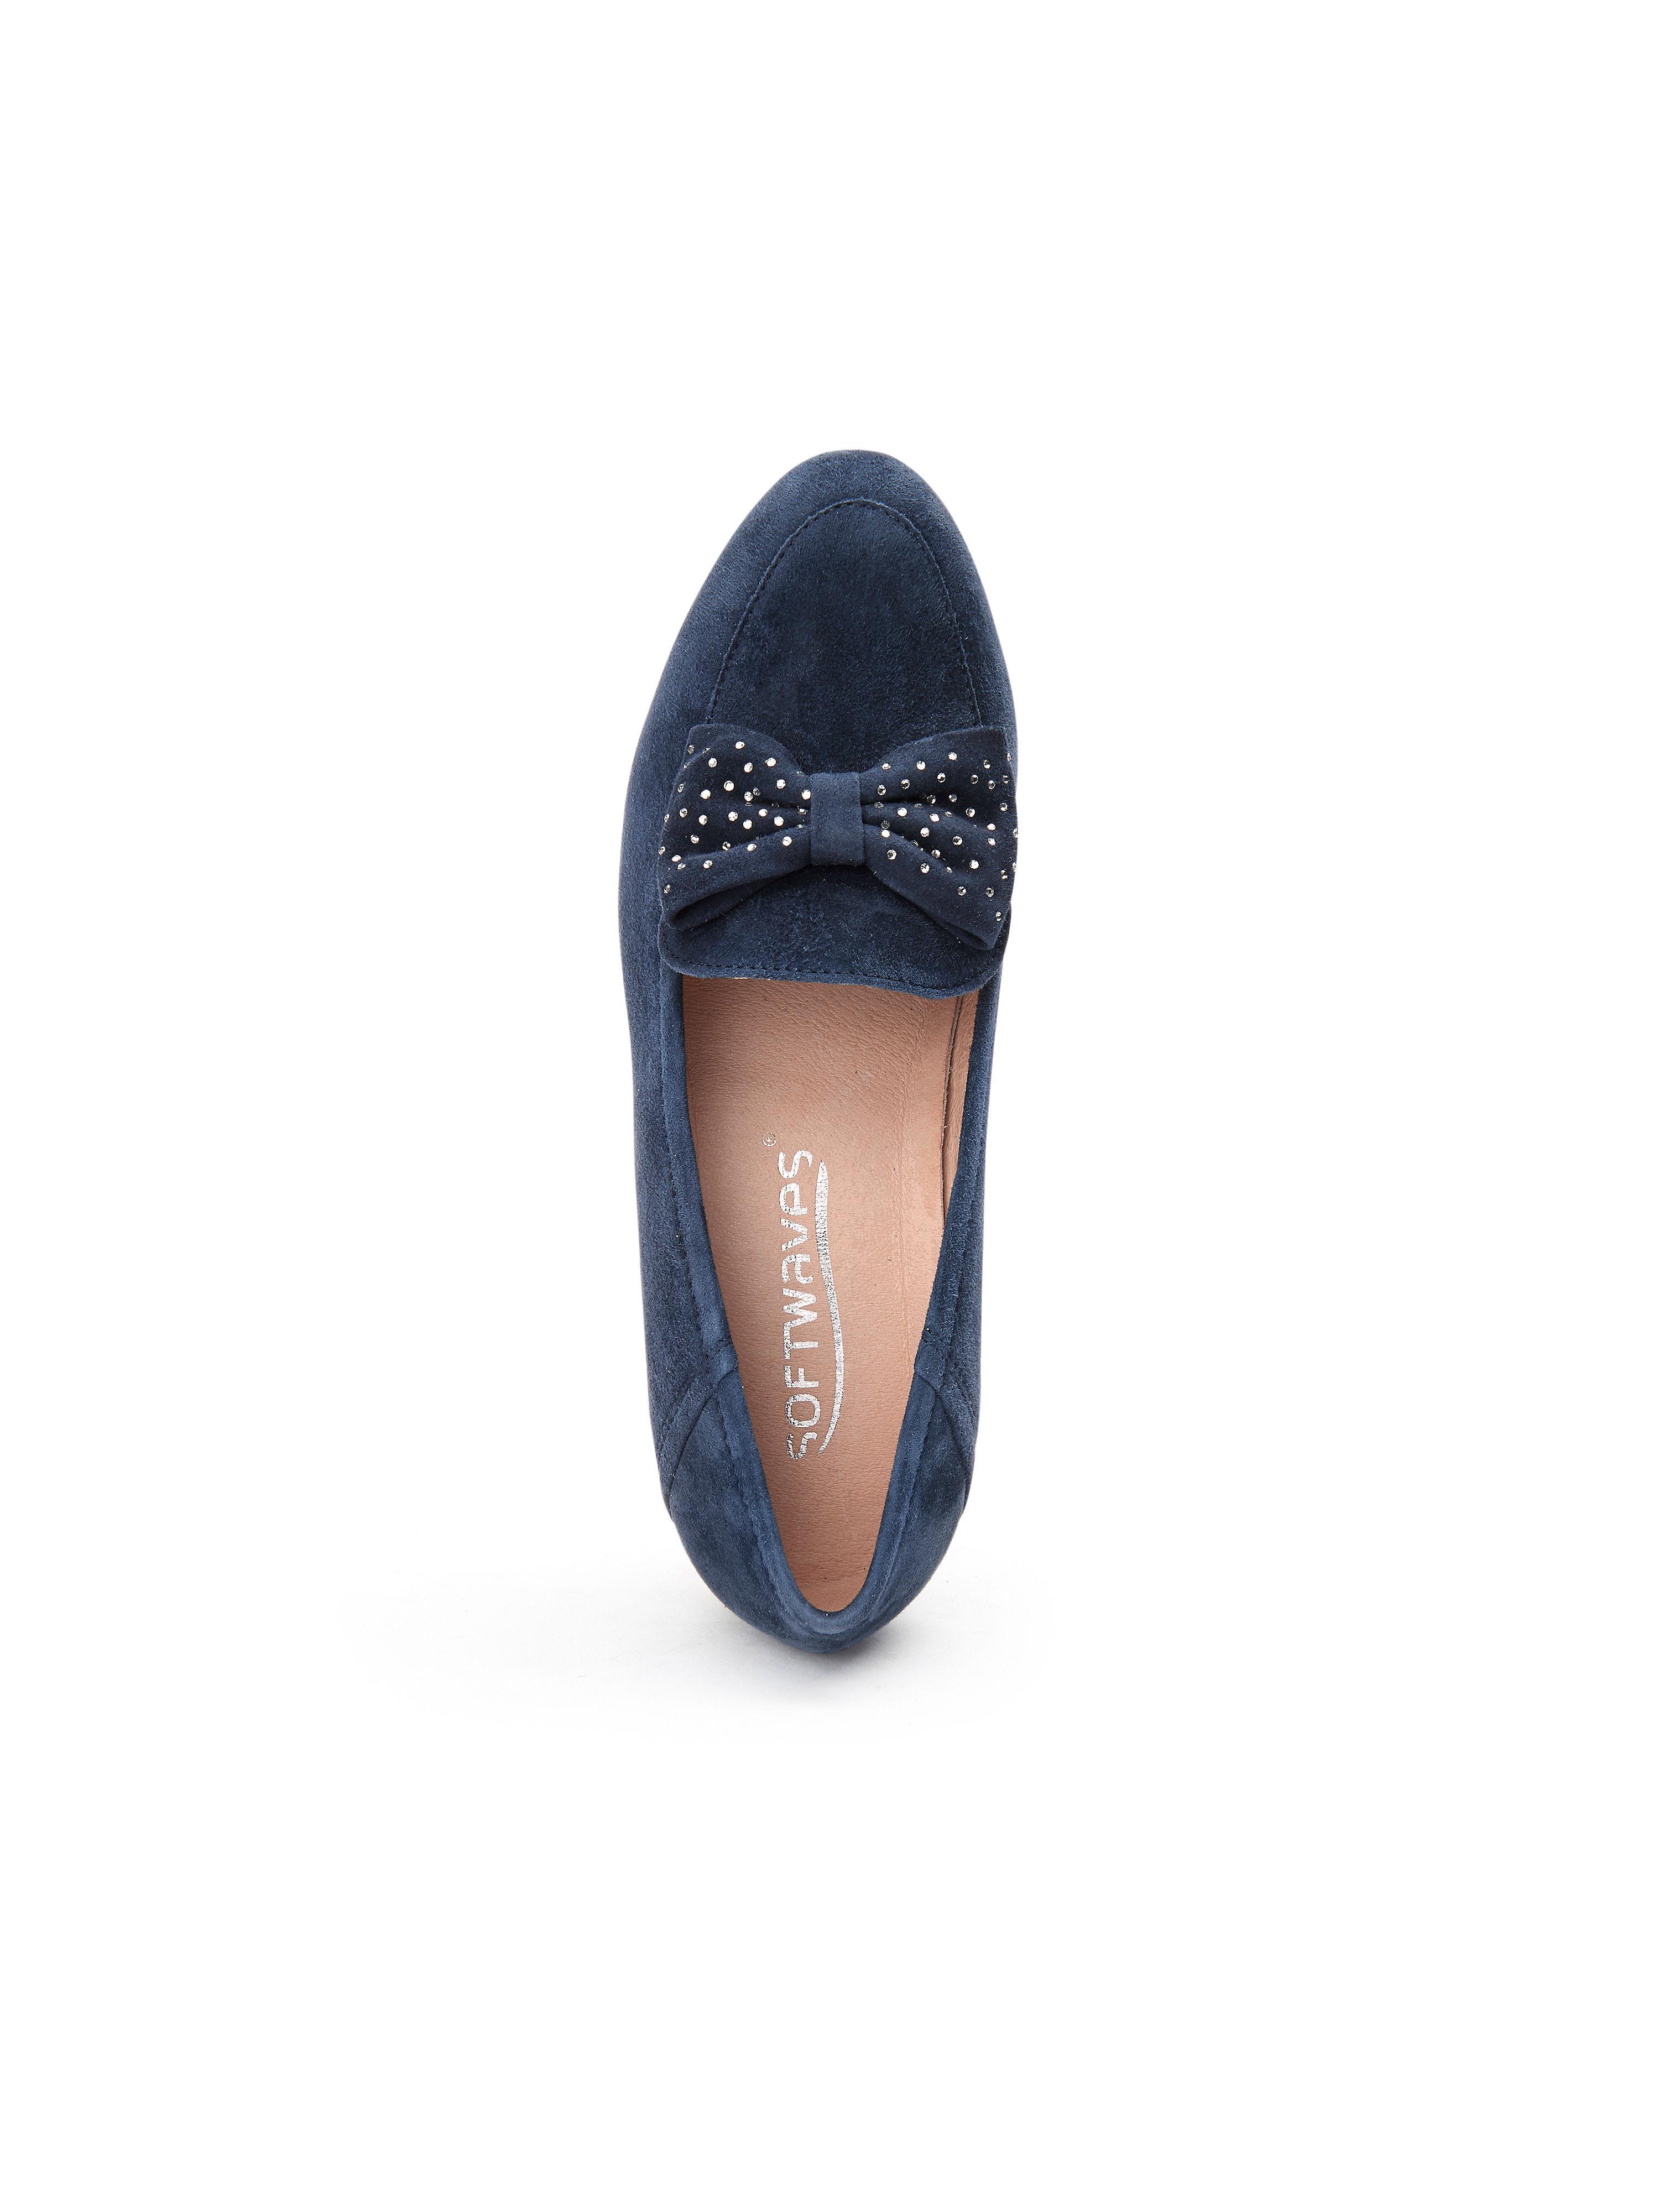 Softwaves - Slipper aus 100% Qualität Leder - Marine Gute Qualität 100% beliebte Schuhe a63eb7